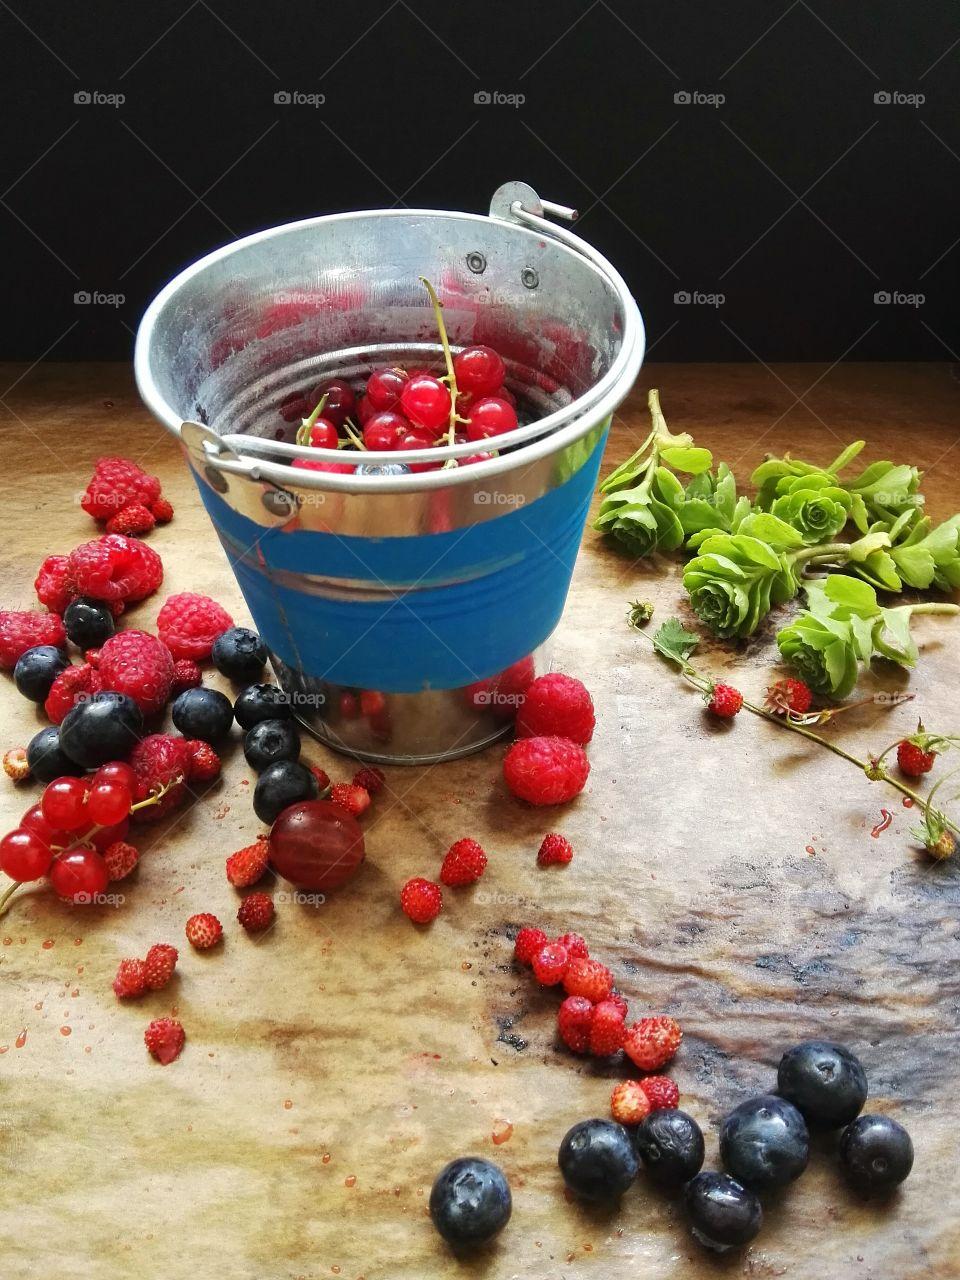 Berries in blue metal bucket